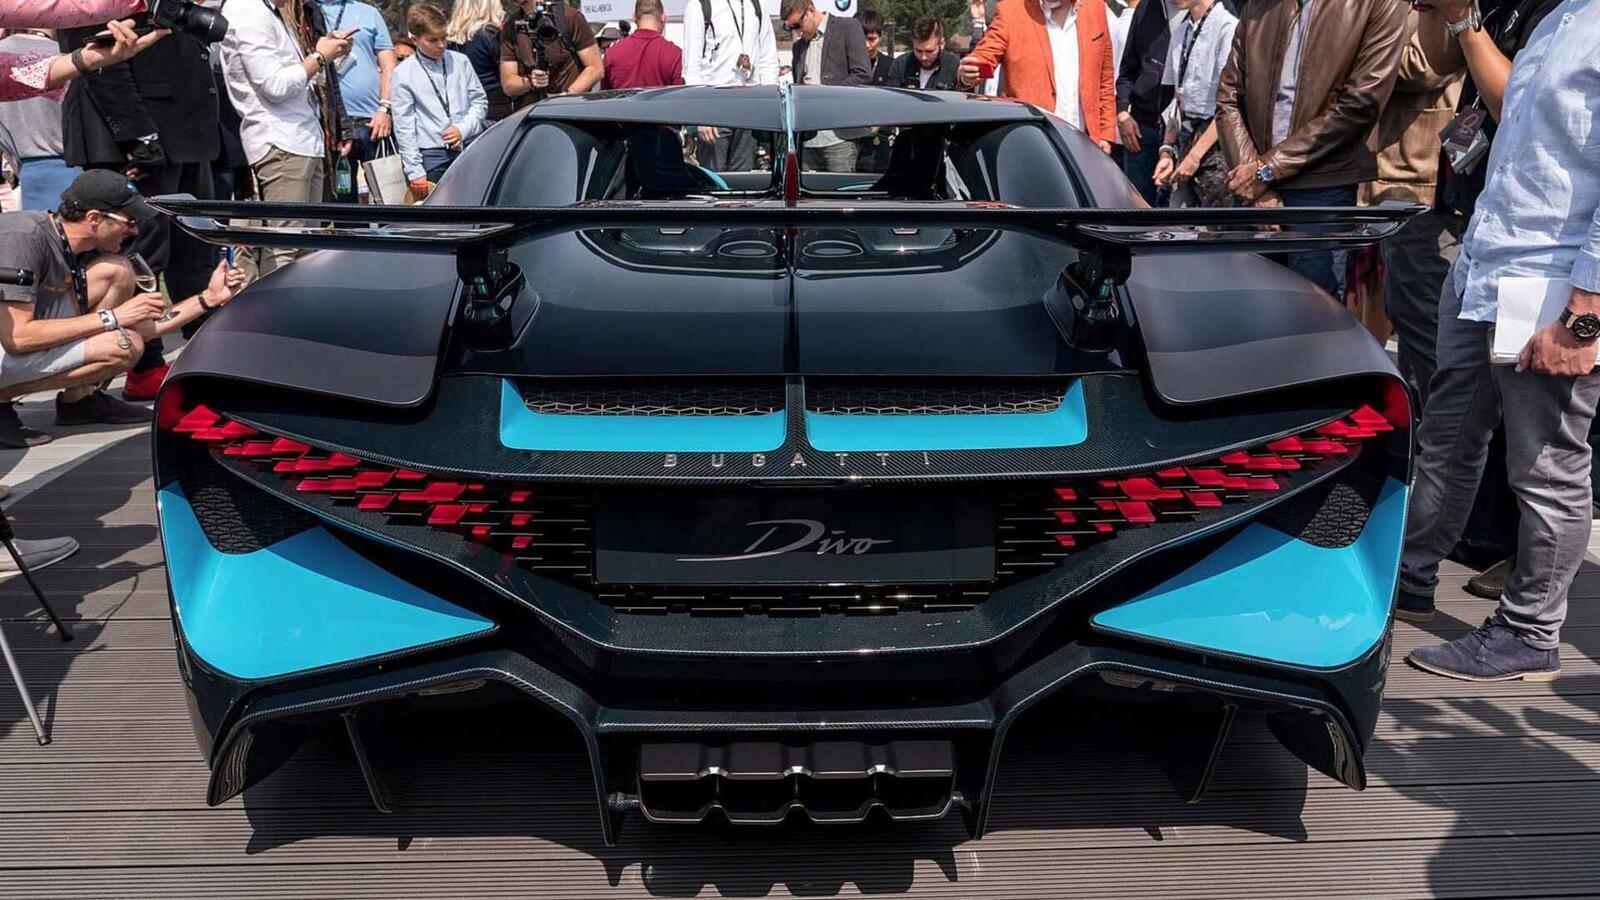 Một trong 40 chiếc Bugatti Divo đang được bán với giá 7,5 triệu USD (hơn 173 tỷ đồng) - Hình 14